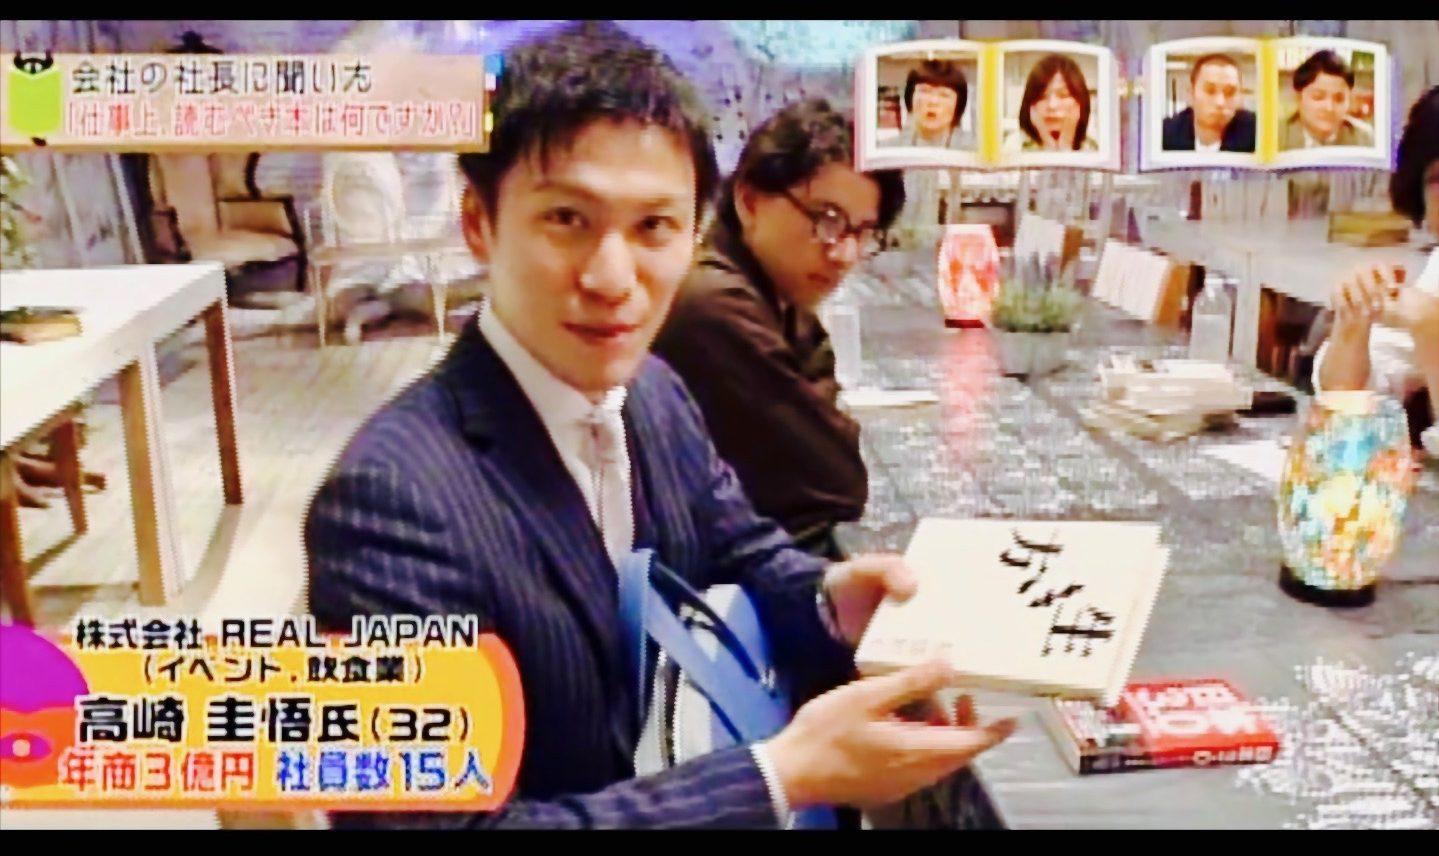 メディア出演リアルジャパン高崎圭悟 業界ベストセラー 光浦靖子